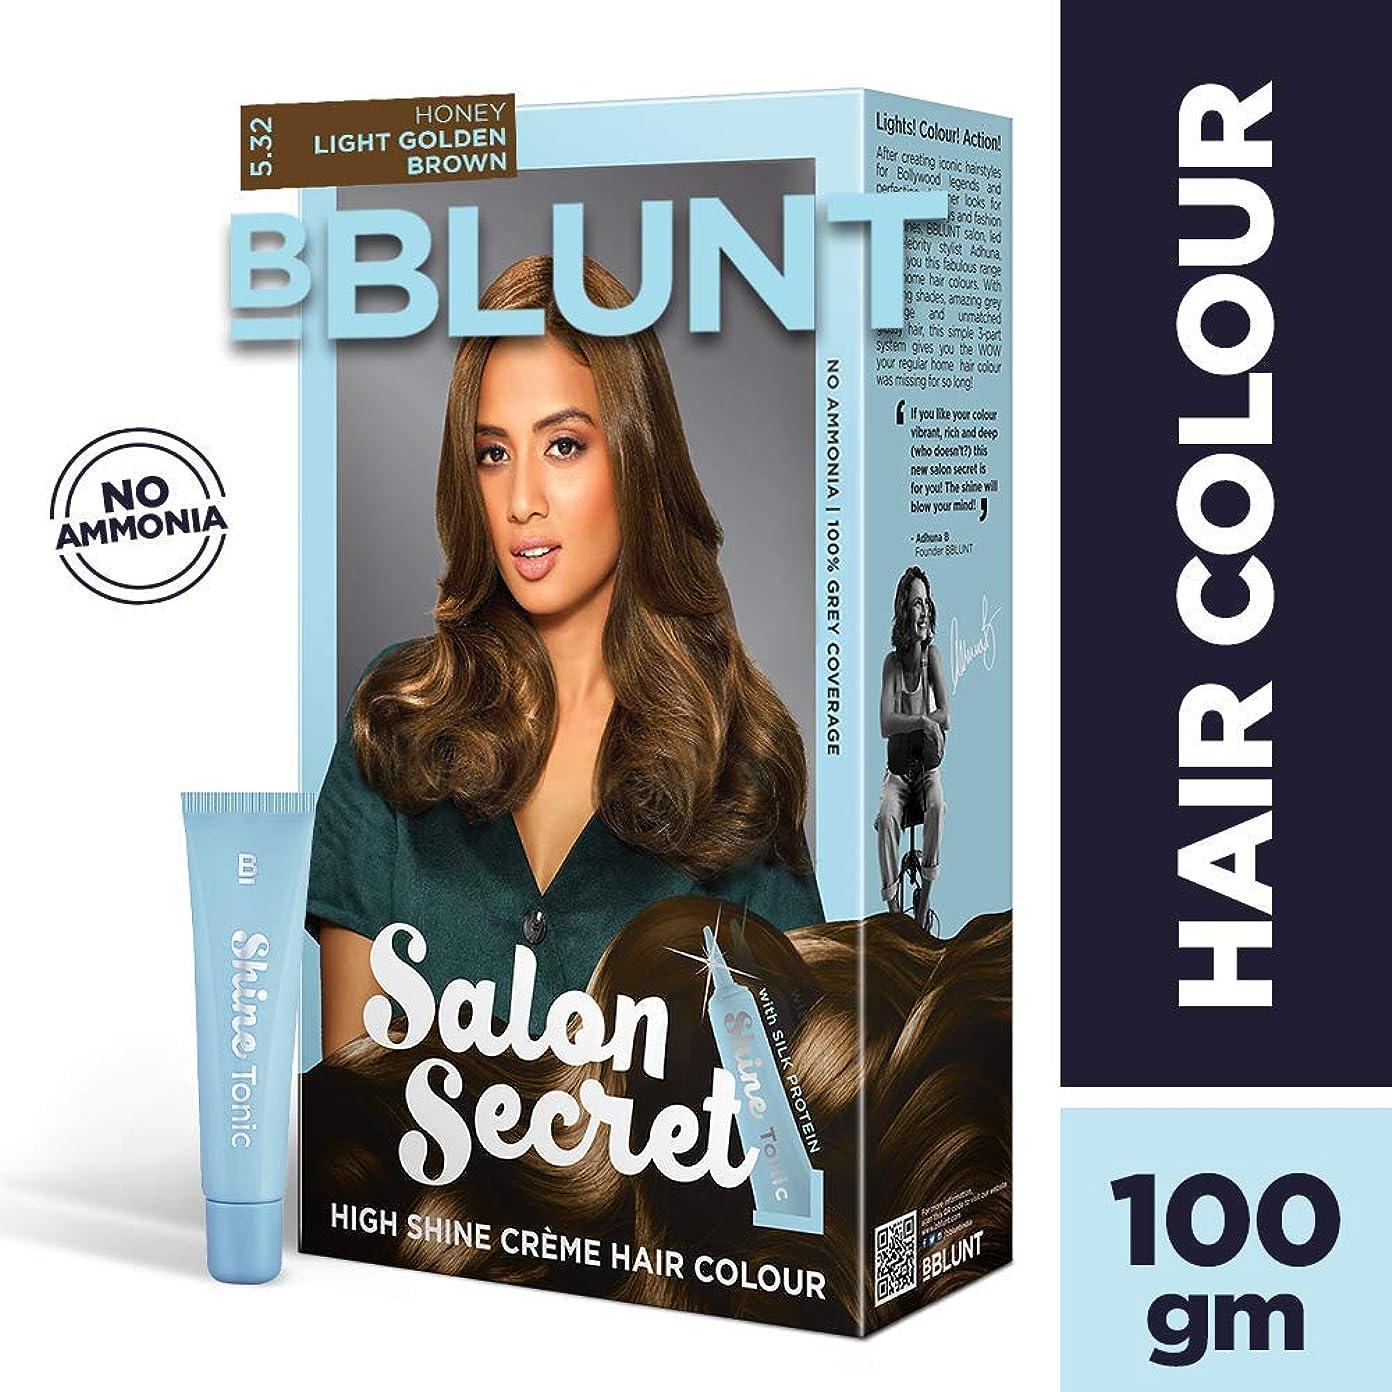 存在ちなみに社会主義BBLUNT Salon Secret High Shine Creme Hair Colour, Honey Light Golden Brown 5.32, 100g with Shine Tonic, 8ml